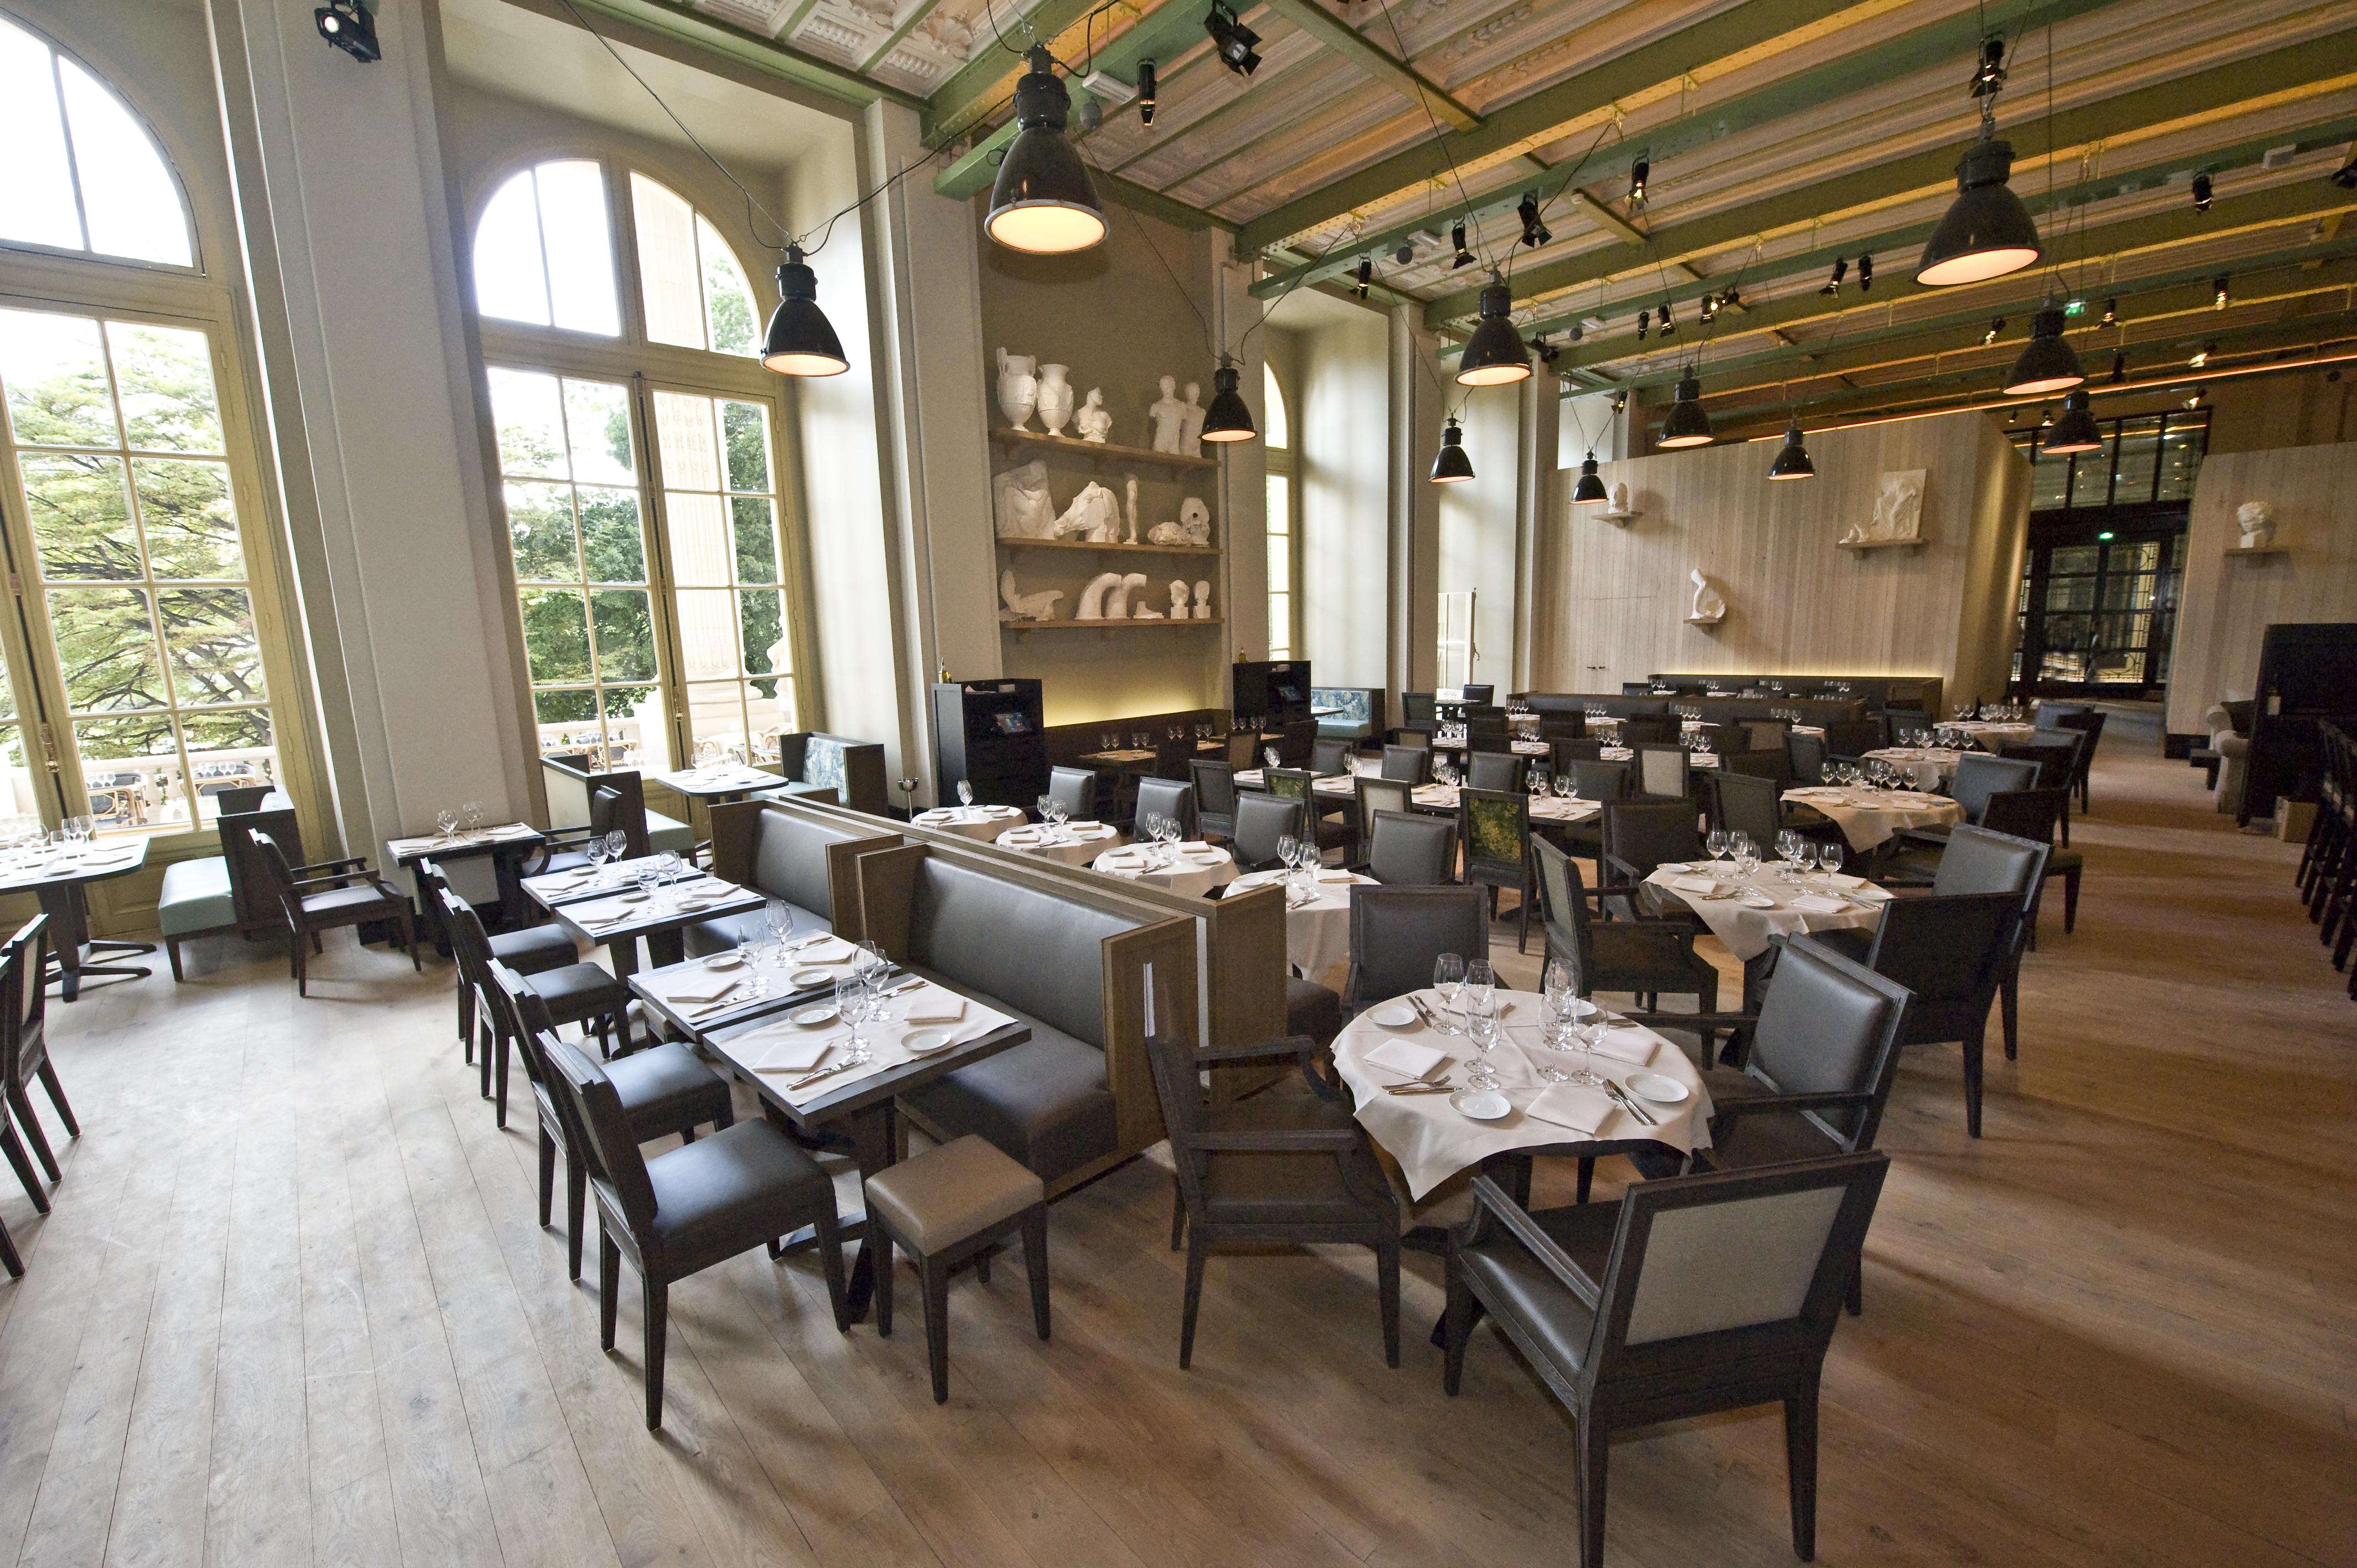 salle de restaurant le blog de gilles pudlowski les. Black Bedroom Furniture Sets. Home Design Ideas